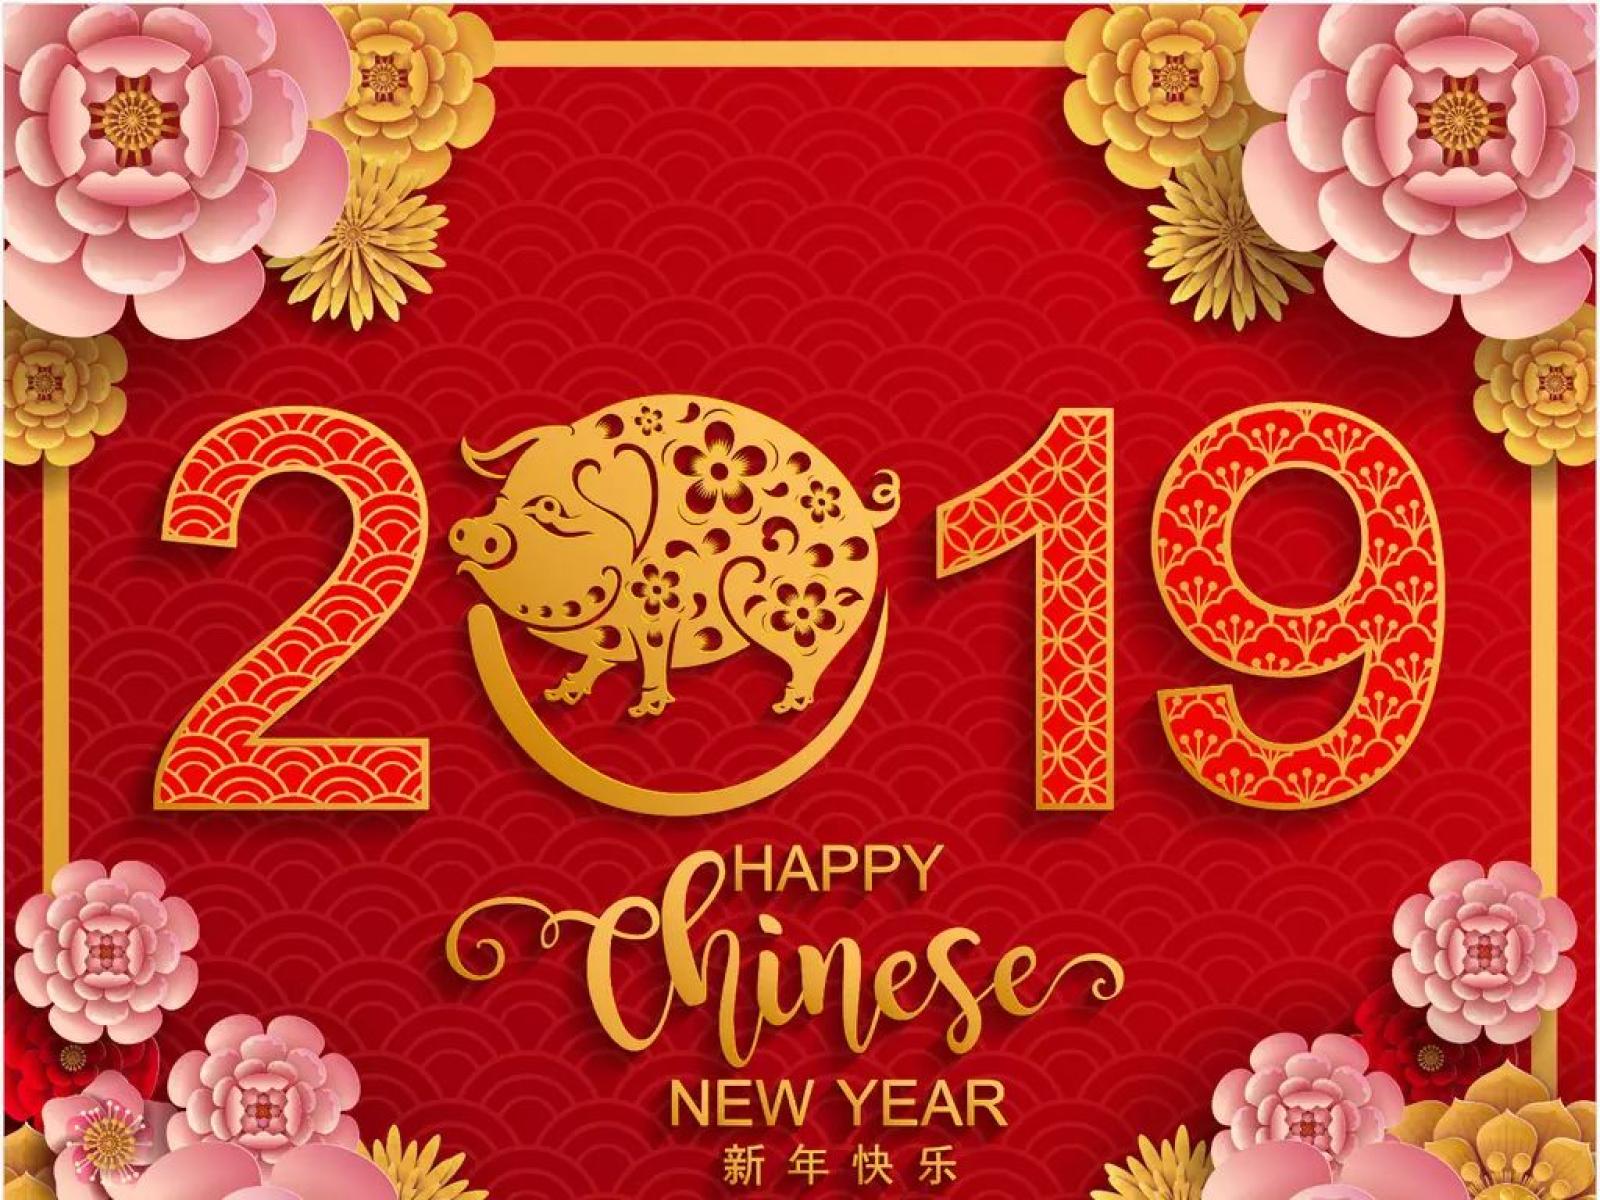 2019年春节放假公告